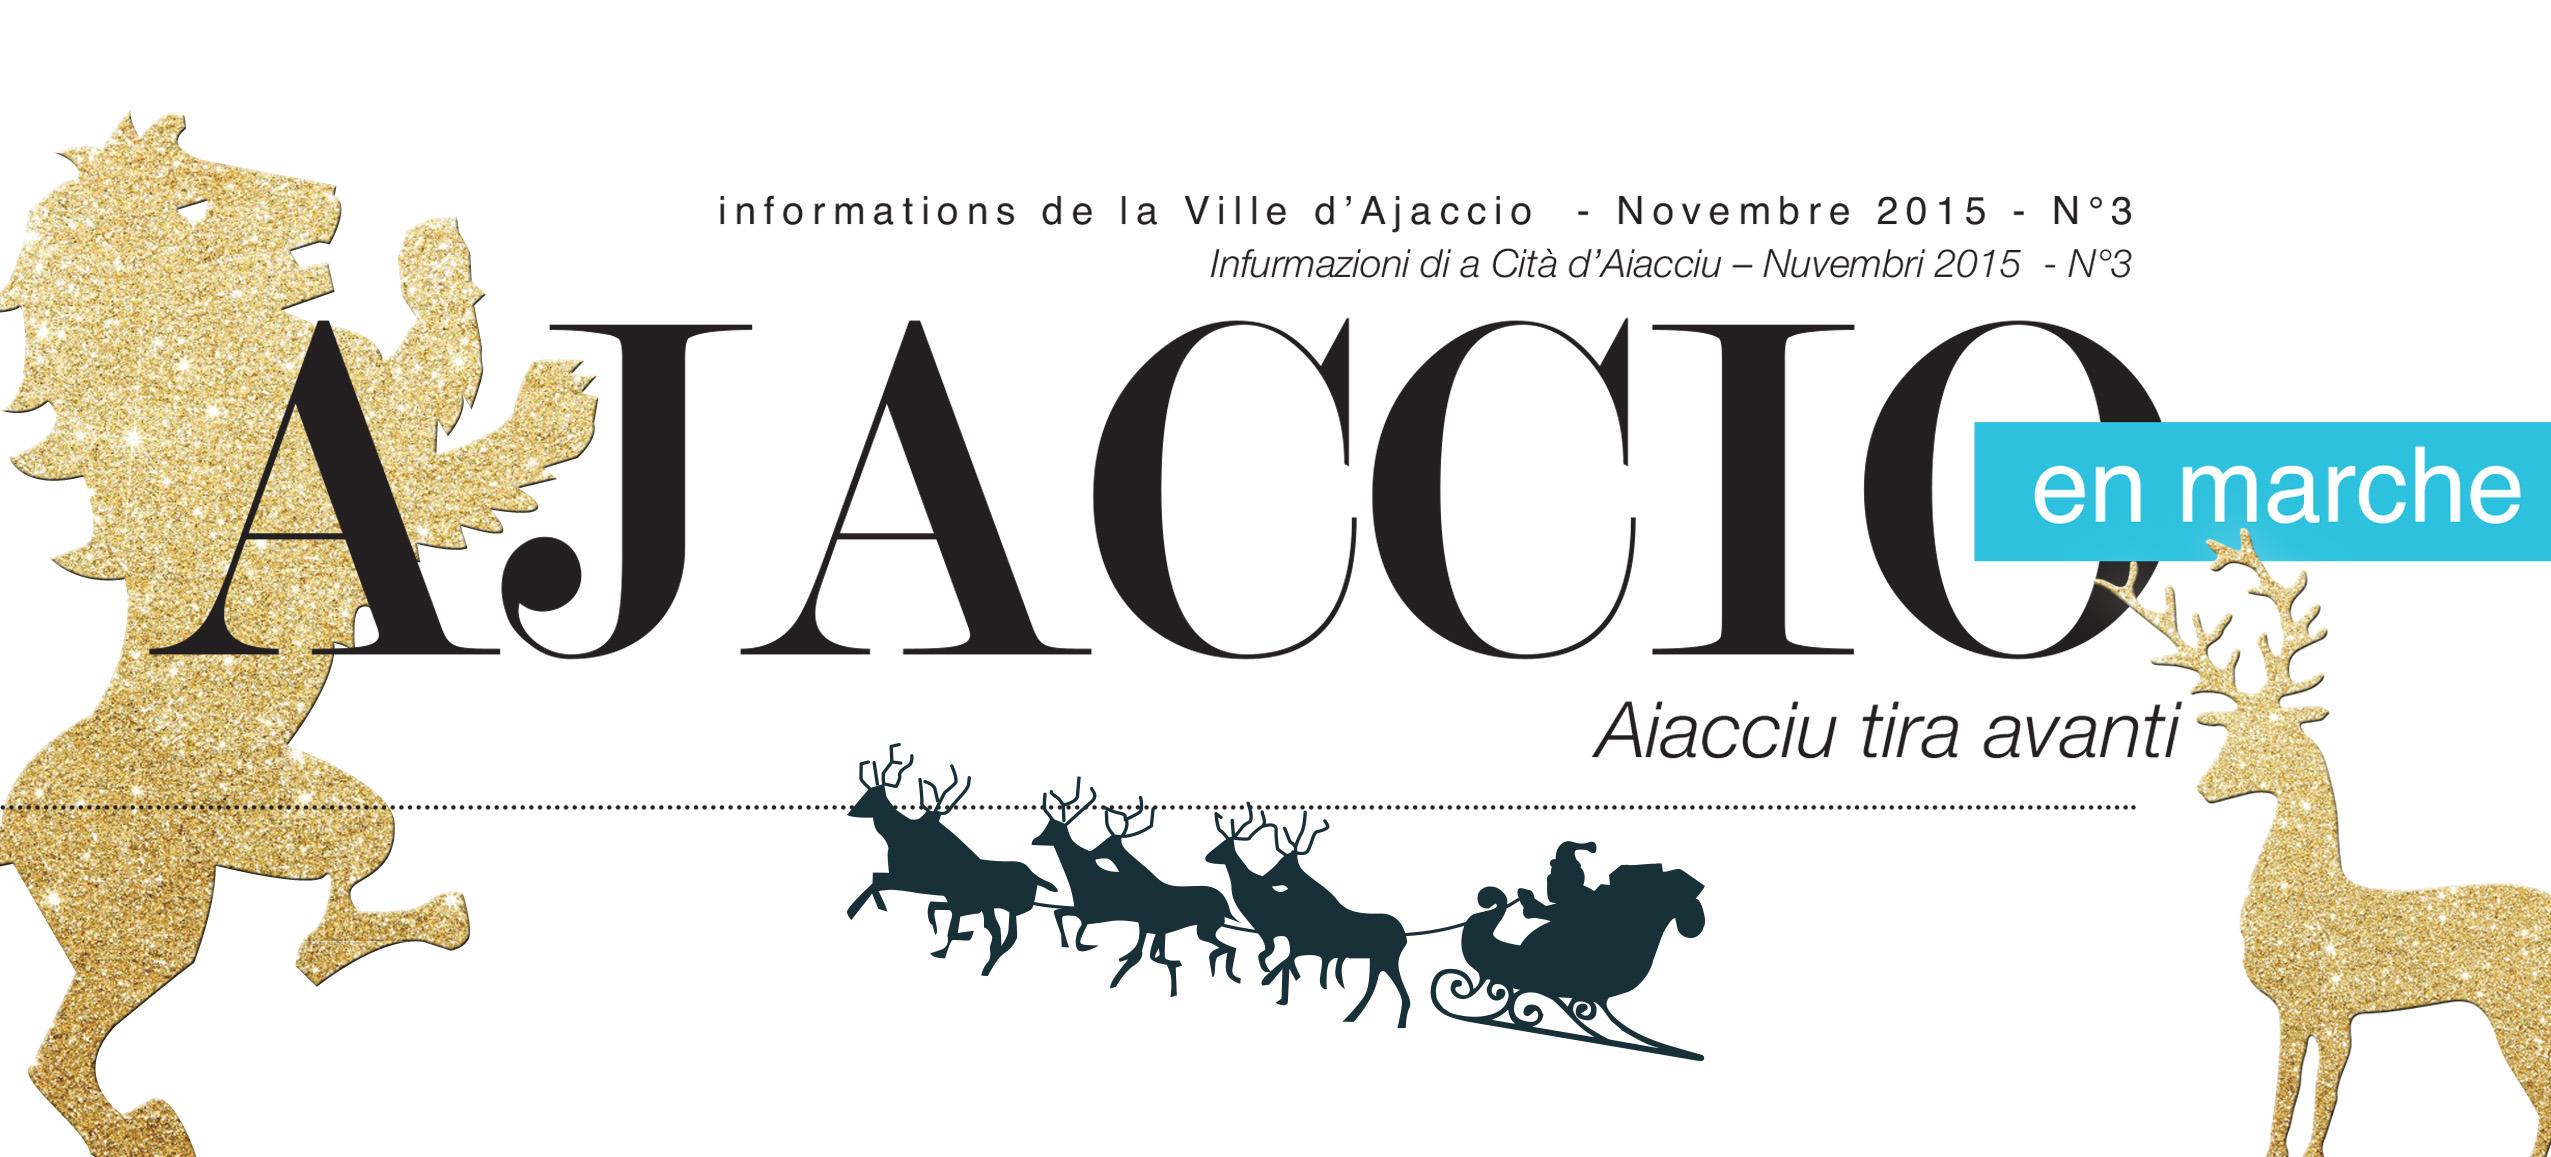 Retrouvez Ajaccio en Marche, le journal qui vous parle de la ville. Bonne lecture !